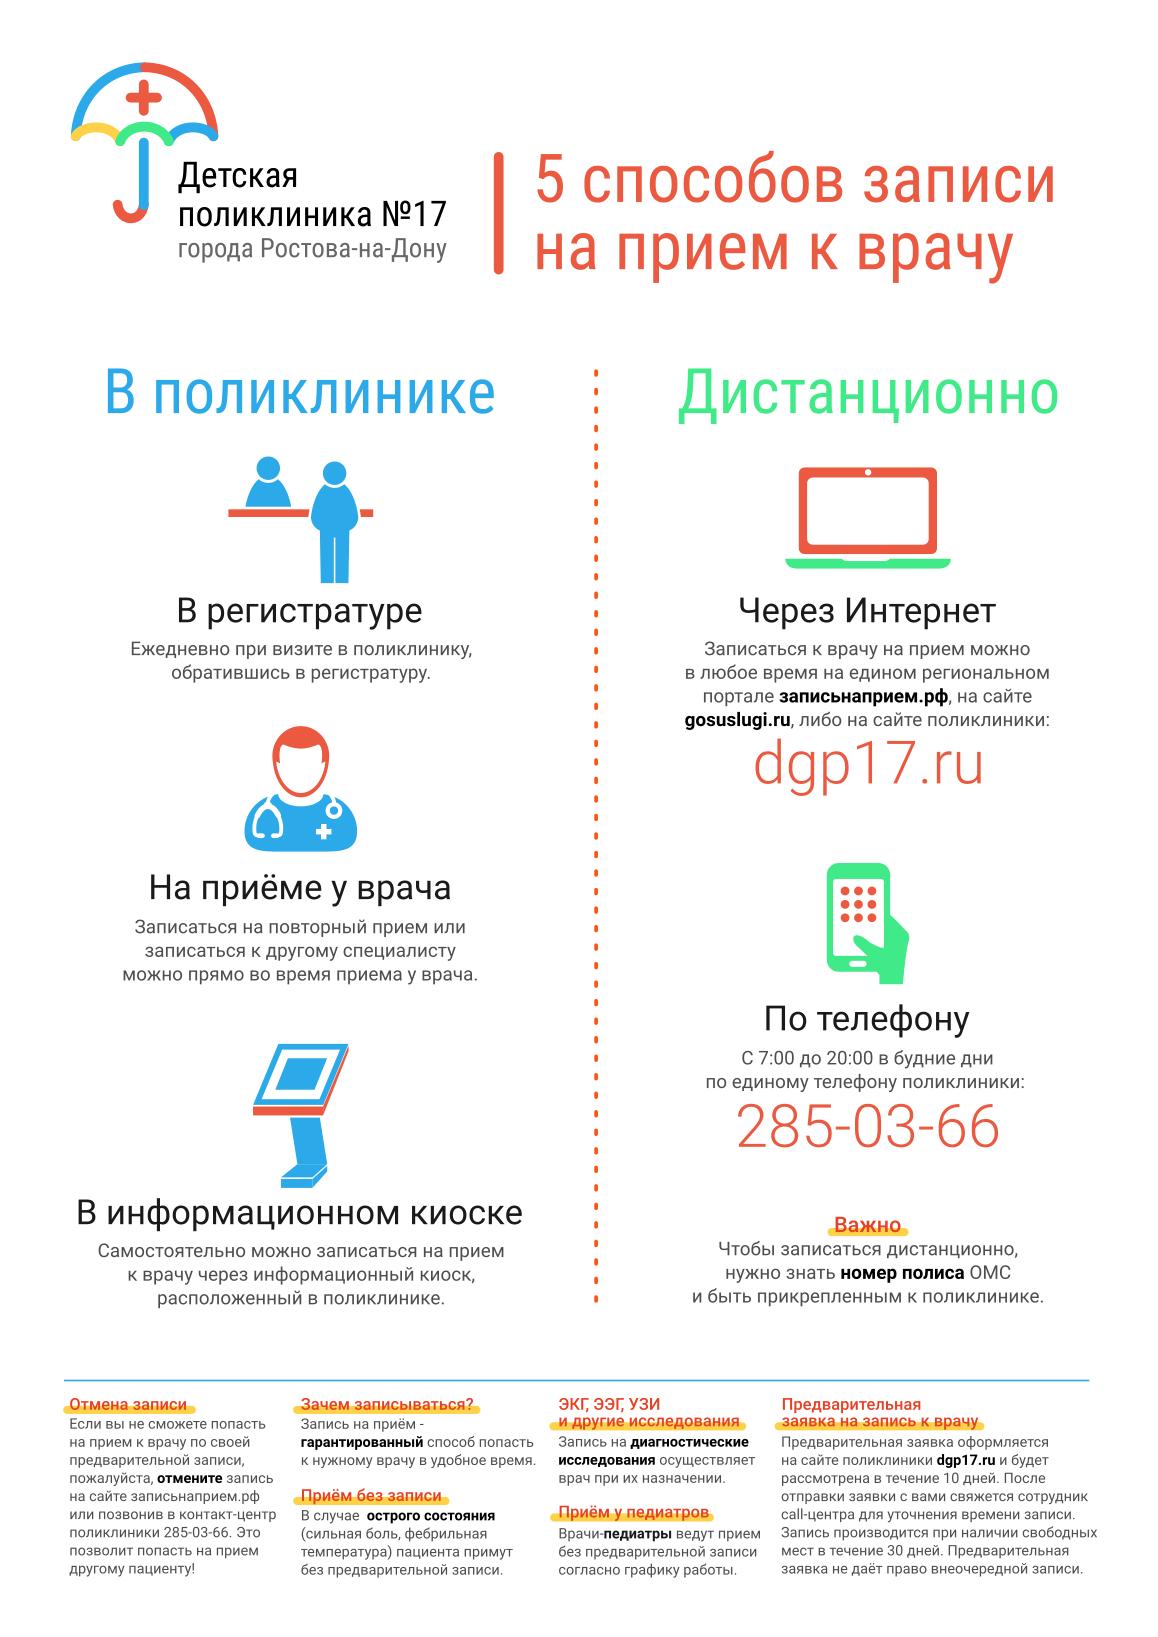 Богданово псковская область психиатрическая больница отзывы